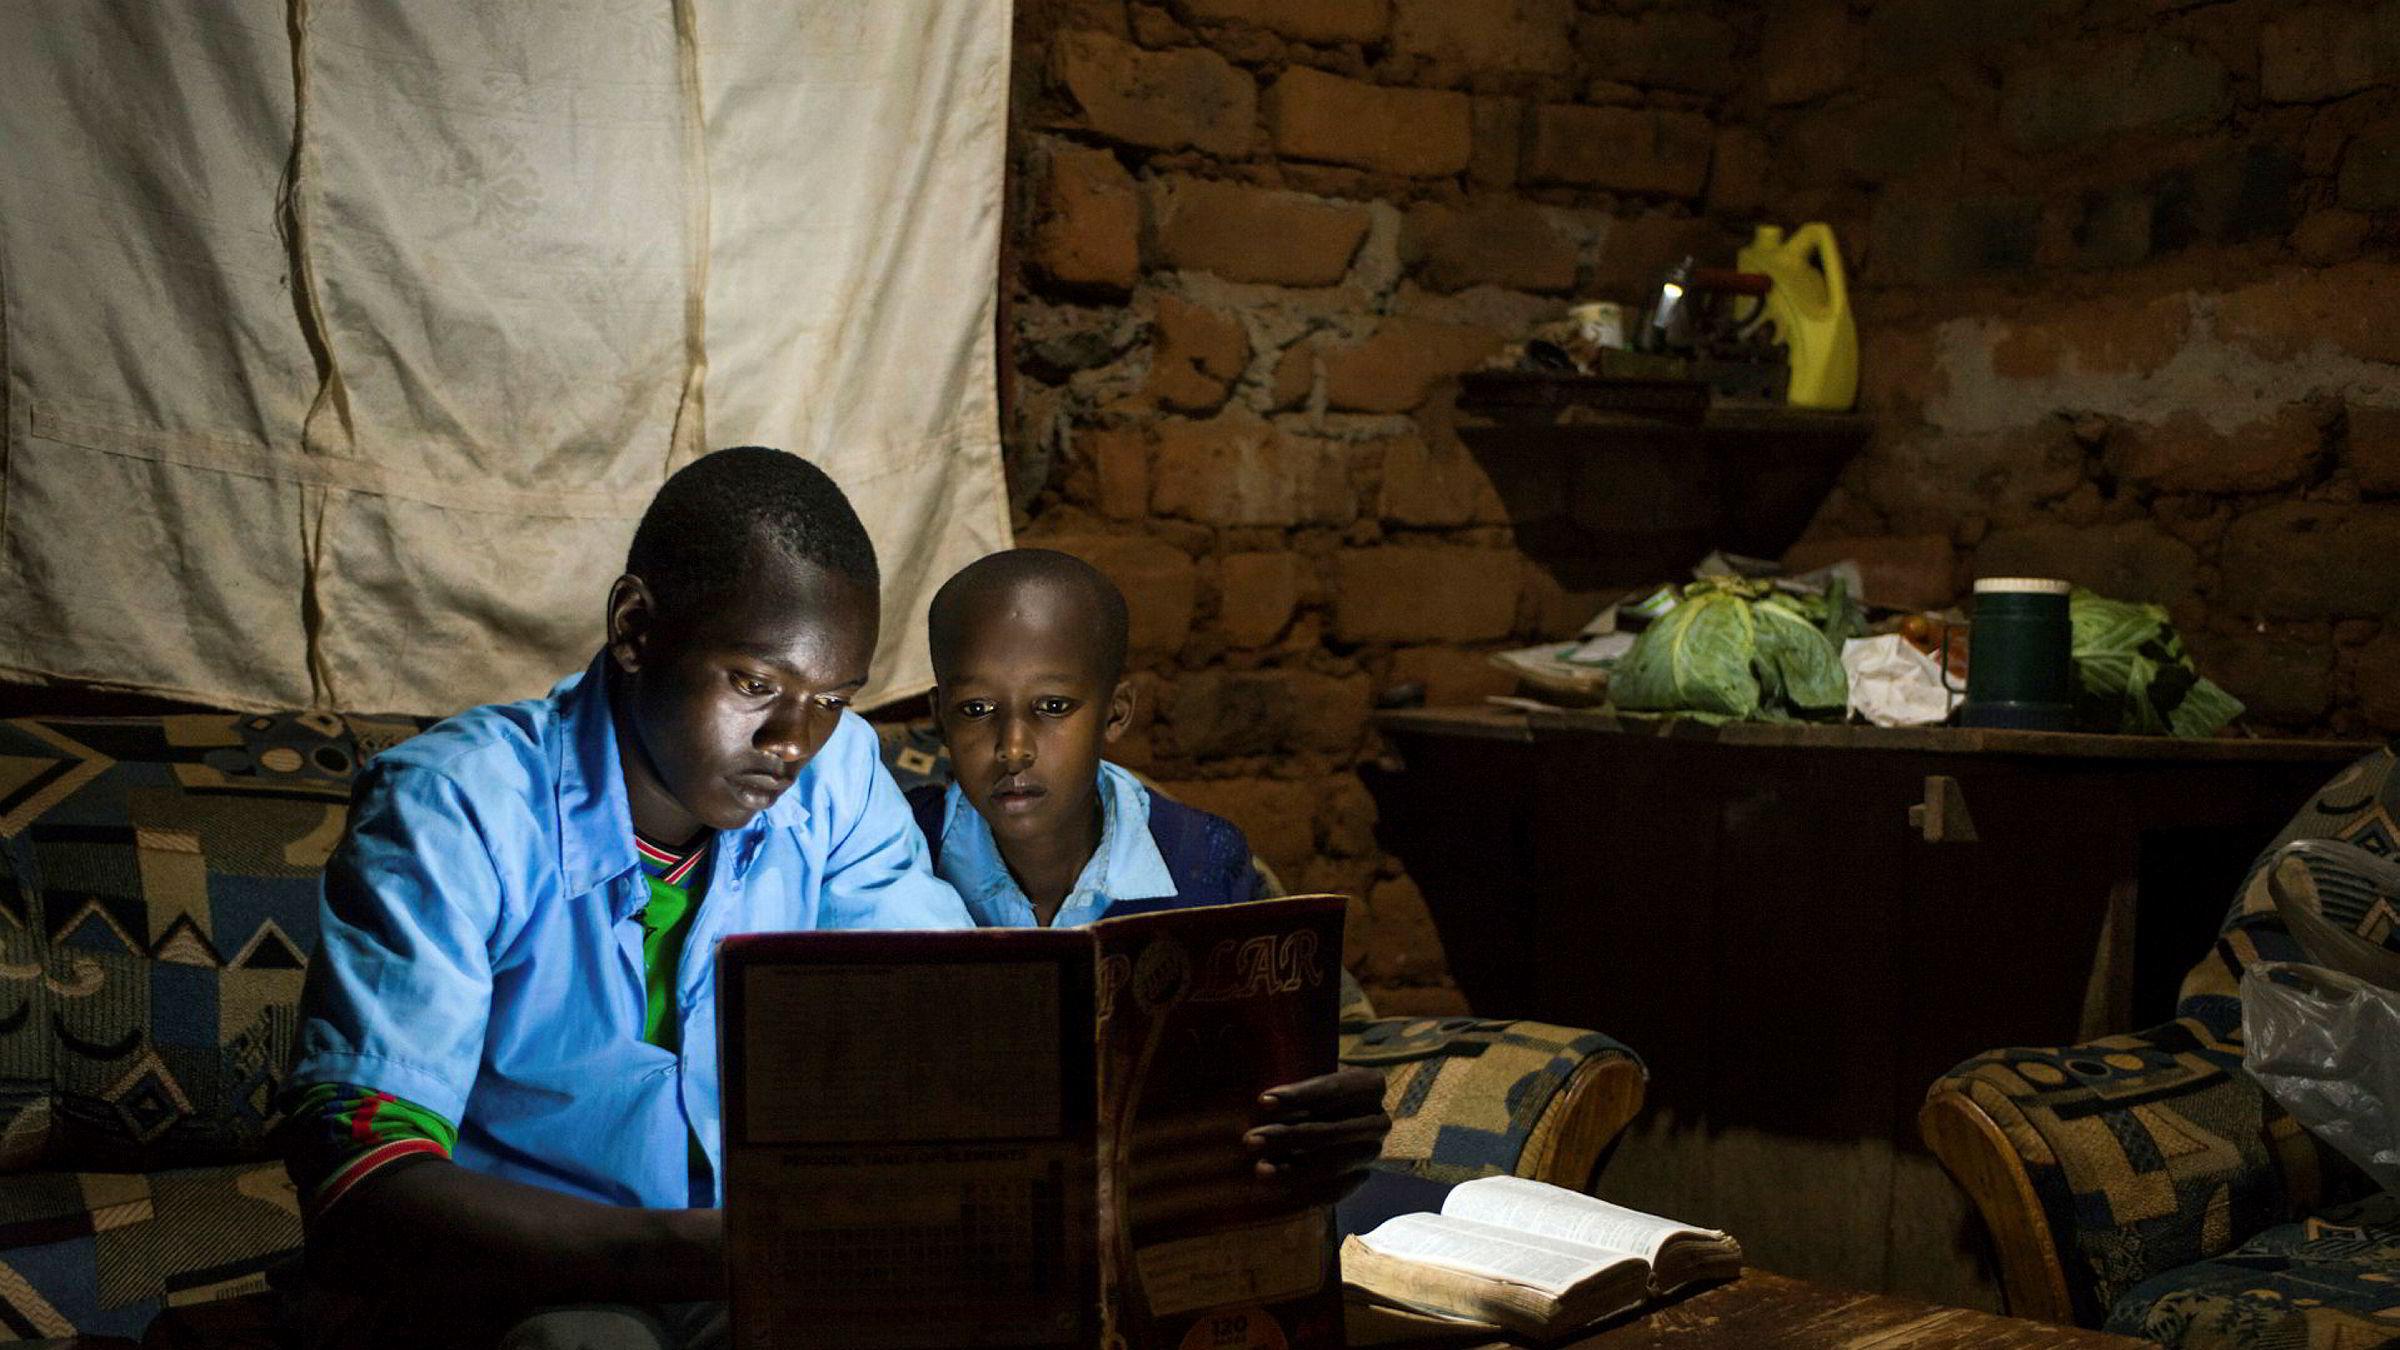 Statistikk viser at vestlig næringsliv for tiden trekker seg tilbake fra de fattigste landene. Vestlige banker er på vei ut av Afrika sør for Sahara, og direkte utenlandsinvesteringer i enkeltbedrifter (FDI) går ned, særlig i de fattigste landene, skriver innleggsforfatteren. Her leser to elever i Ndela Village i Kenya ved hjelp av en lyspære drevet med solenergi fra M-Kopa, som Norfund samarbeider med.